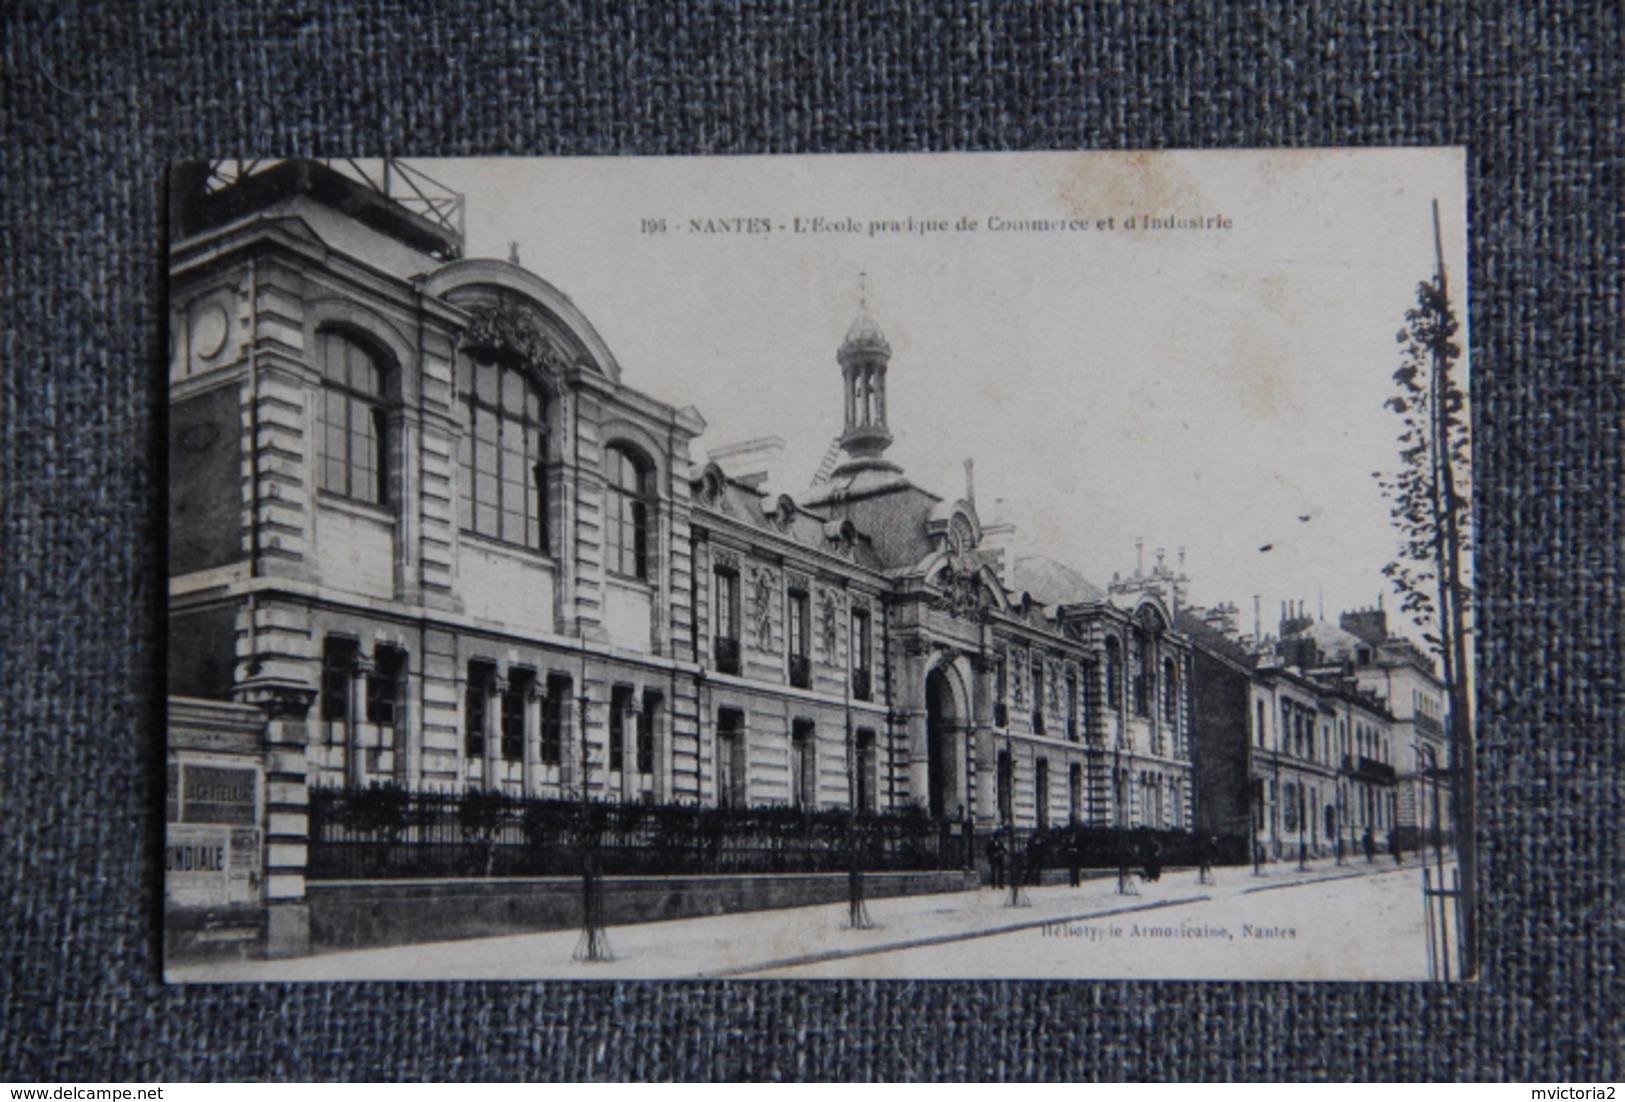 NANTES - L'Ecole Pratique De Commerce Et D'industrie - Nantes